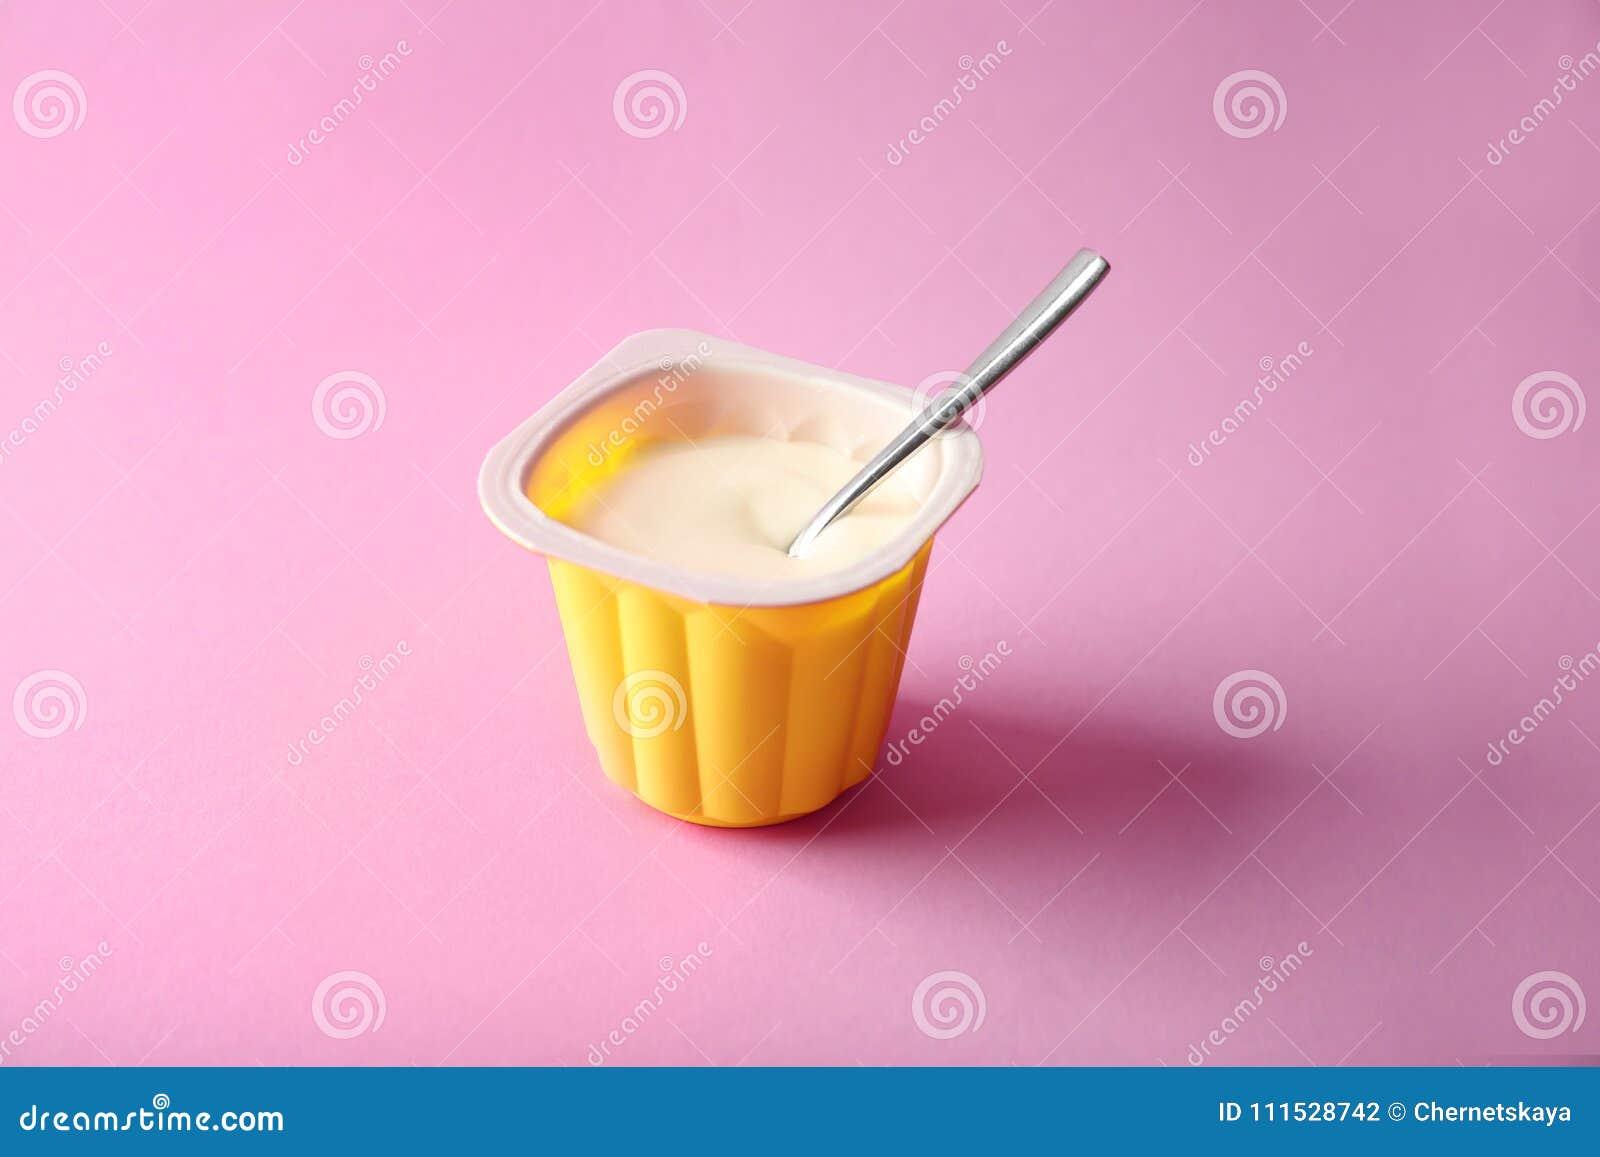 Plastic cup with yummy yogurt